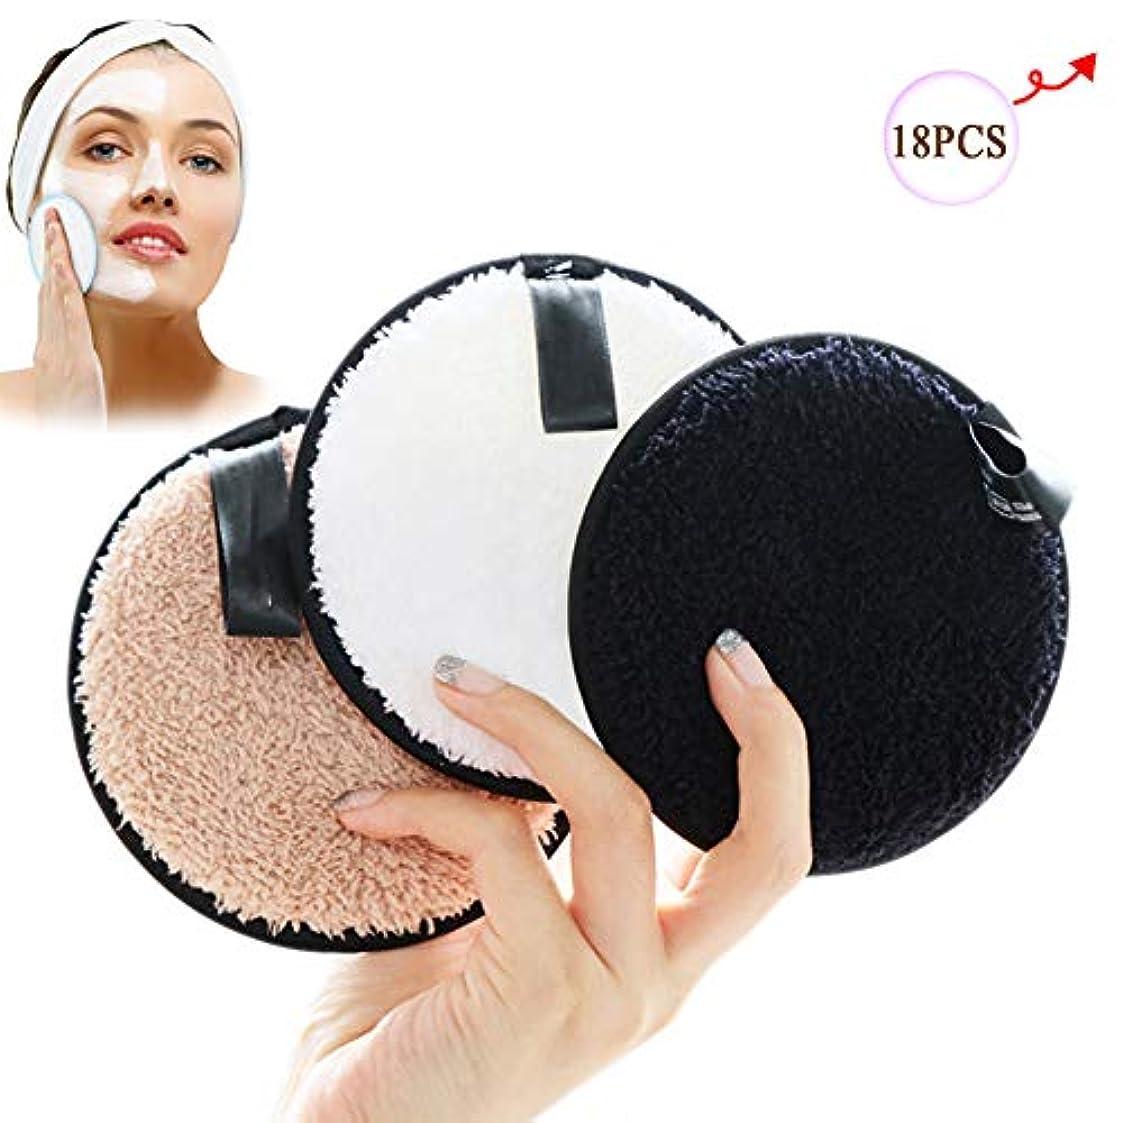 経験賢明な通行料金除去剤のパッド、女性の表面/目/唇のための再使用可能な清潔になる綿繊維の構造の除去剤のワイプ,18PCS